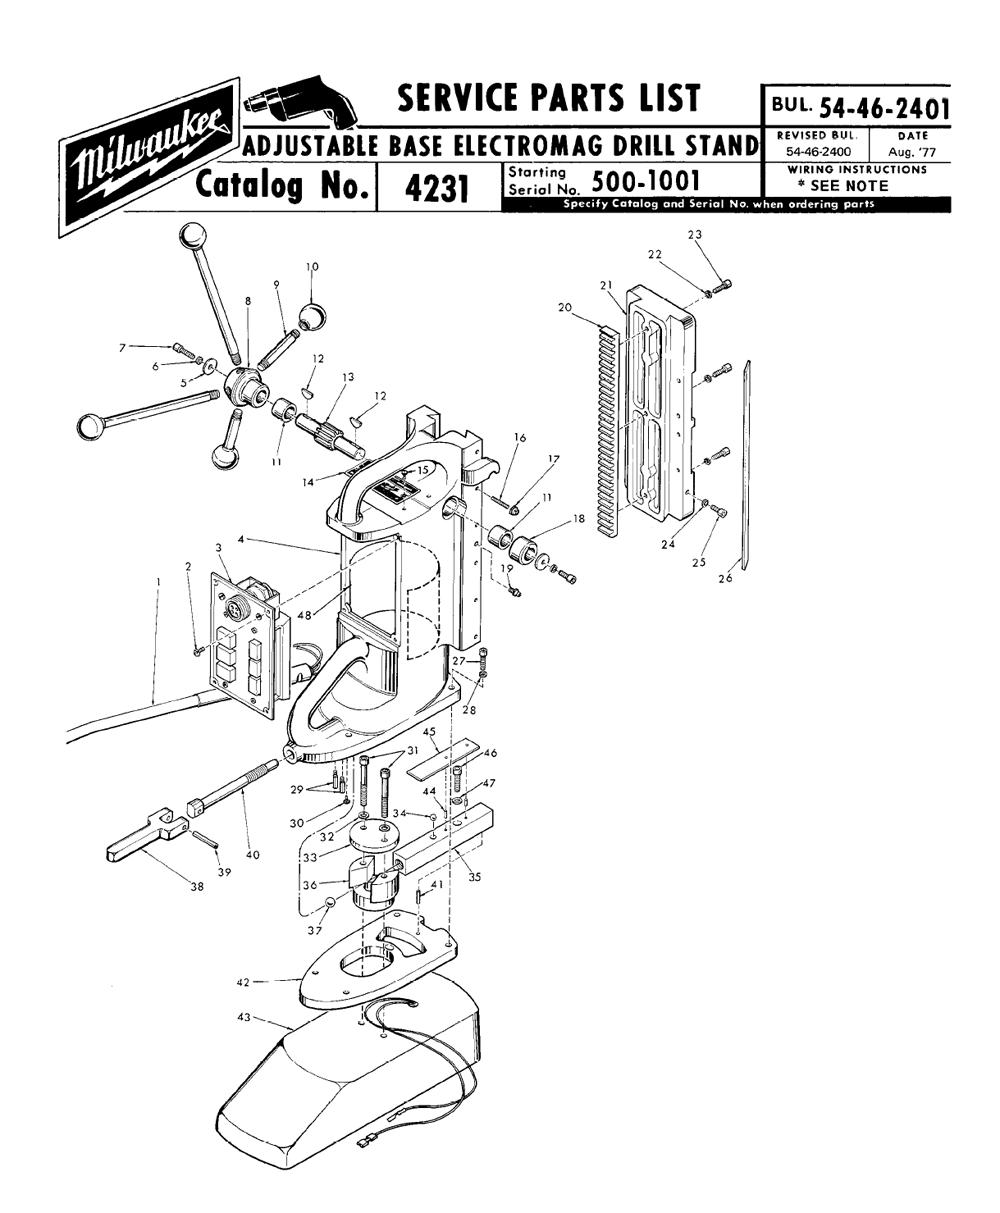 Buy Milwaukee 4231-(500-1001) adjustable base